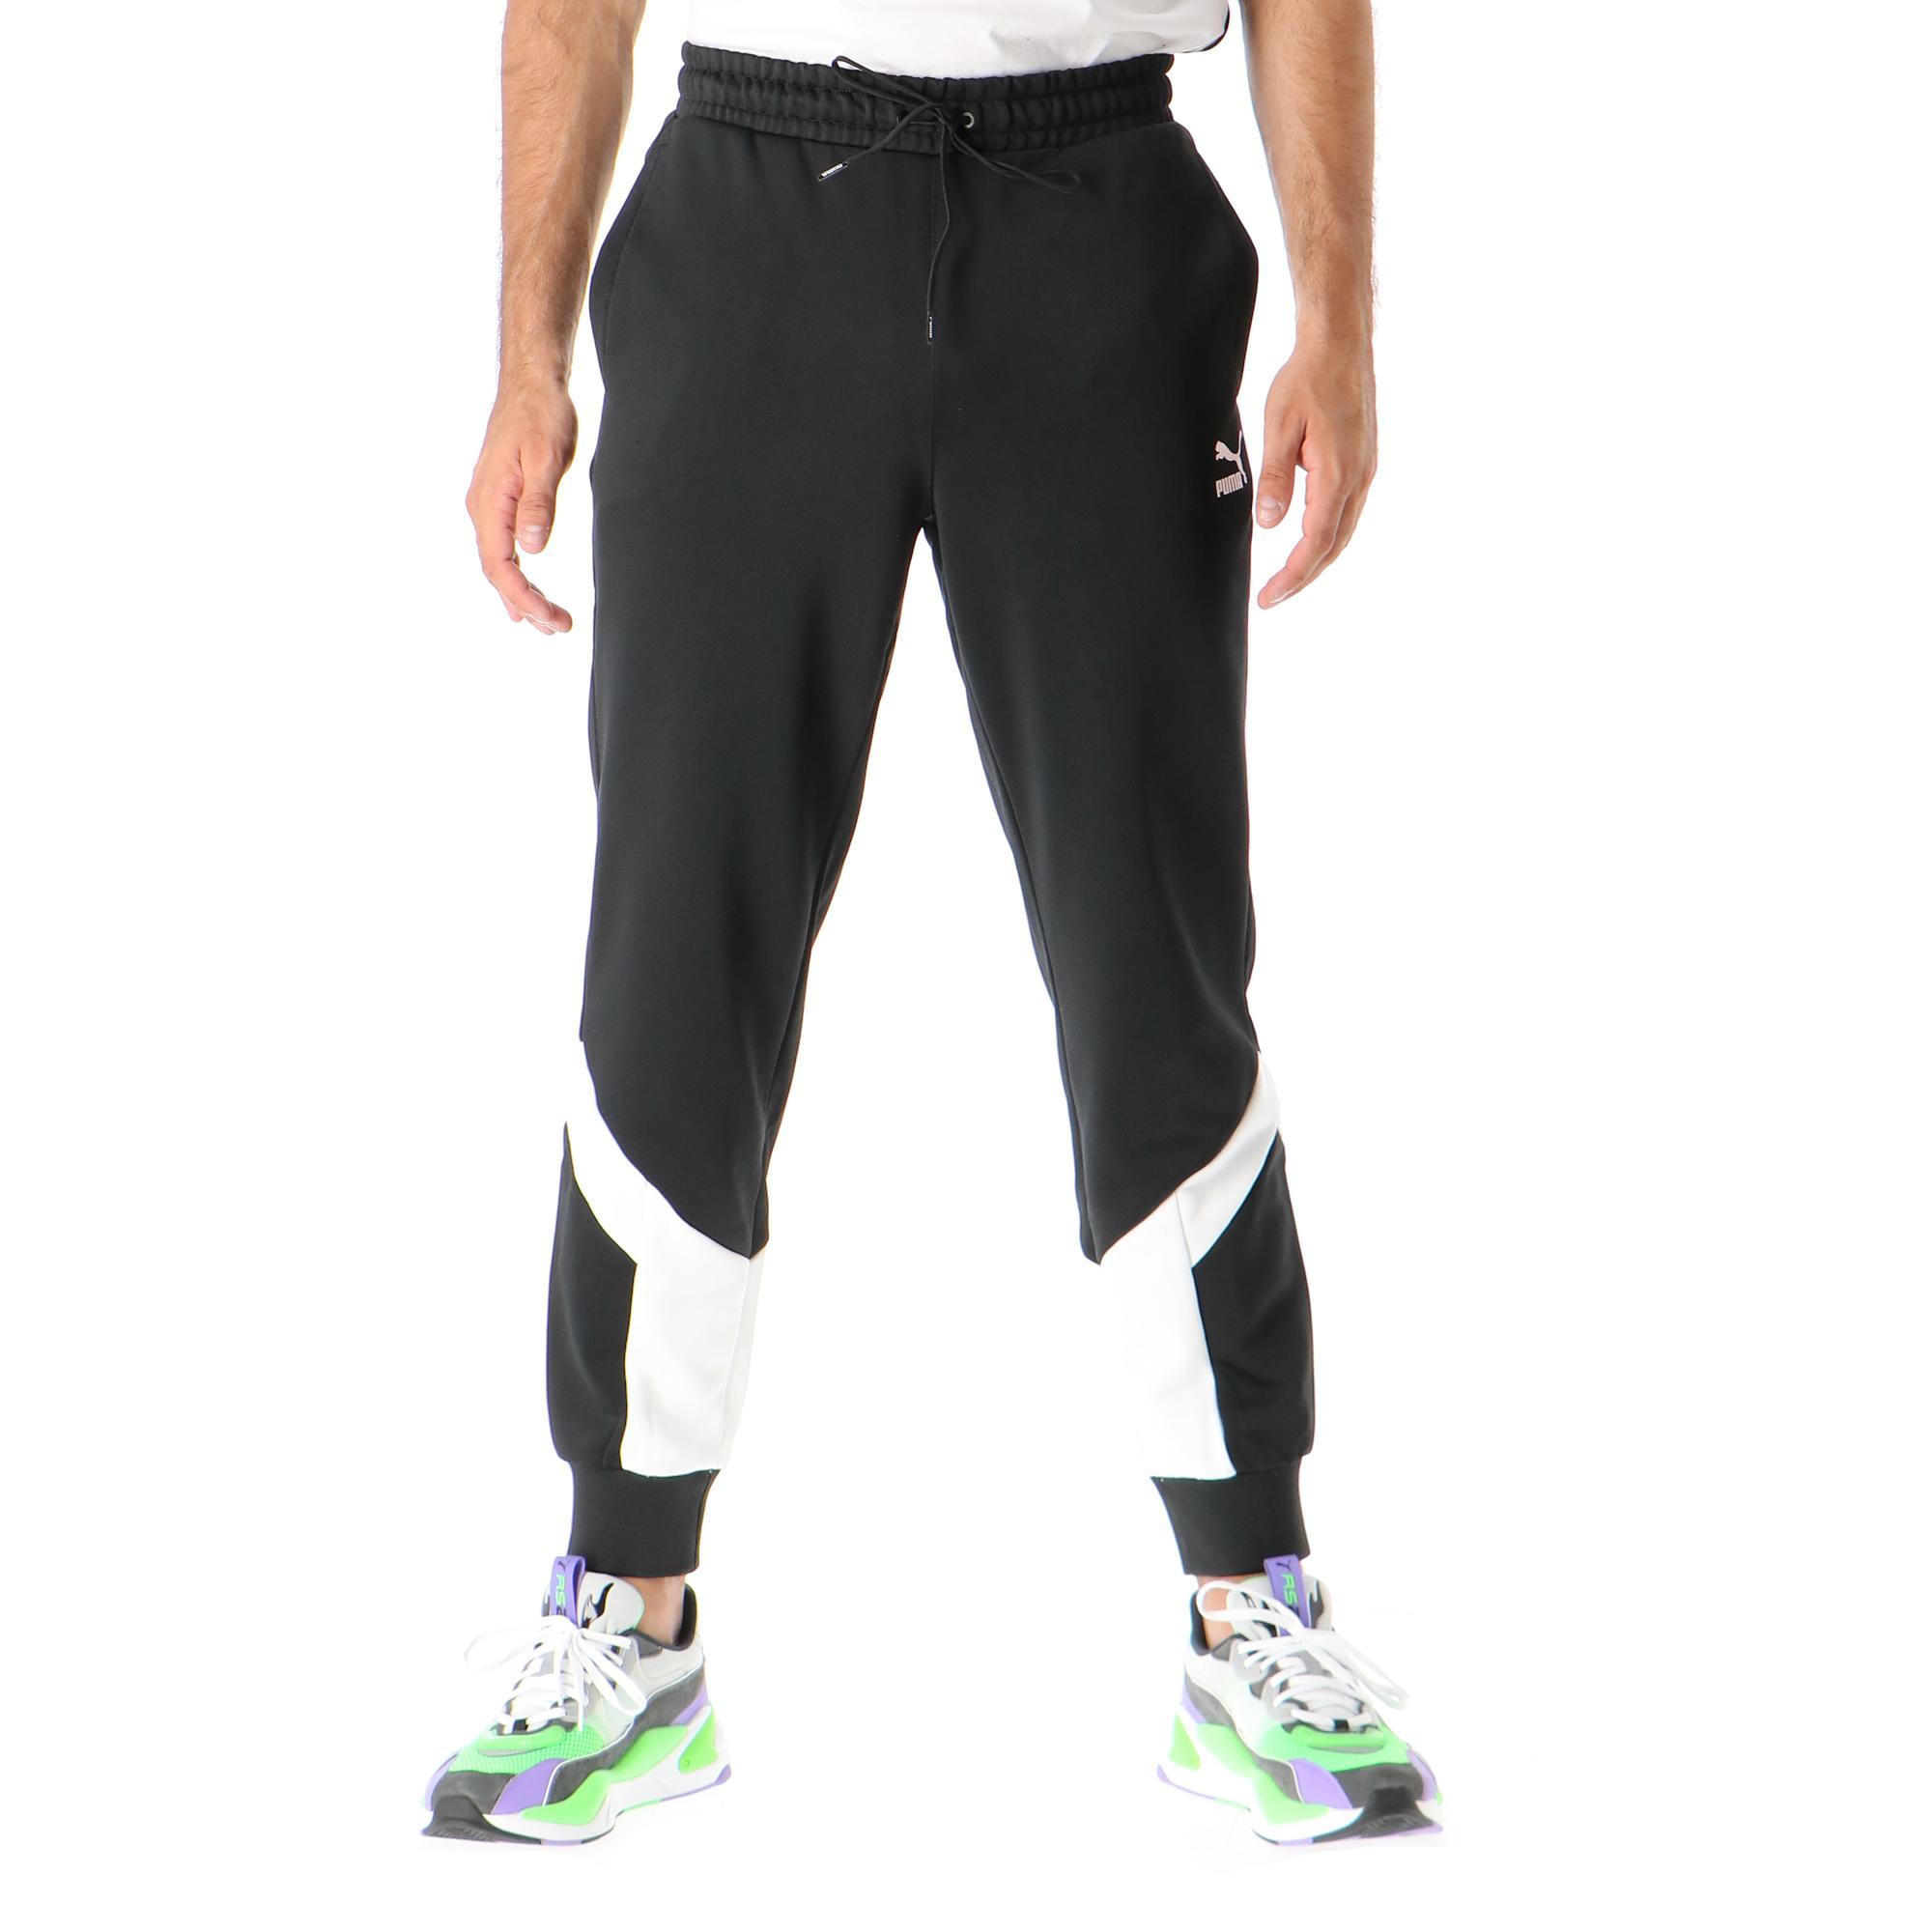 Puma Iconic Mcs Track Pants Pt Puma black